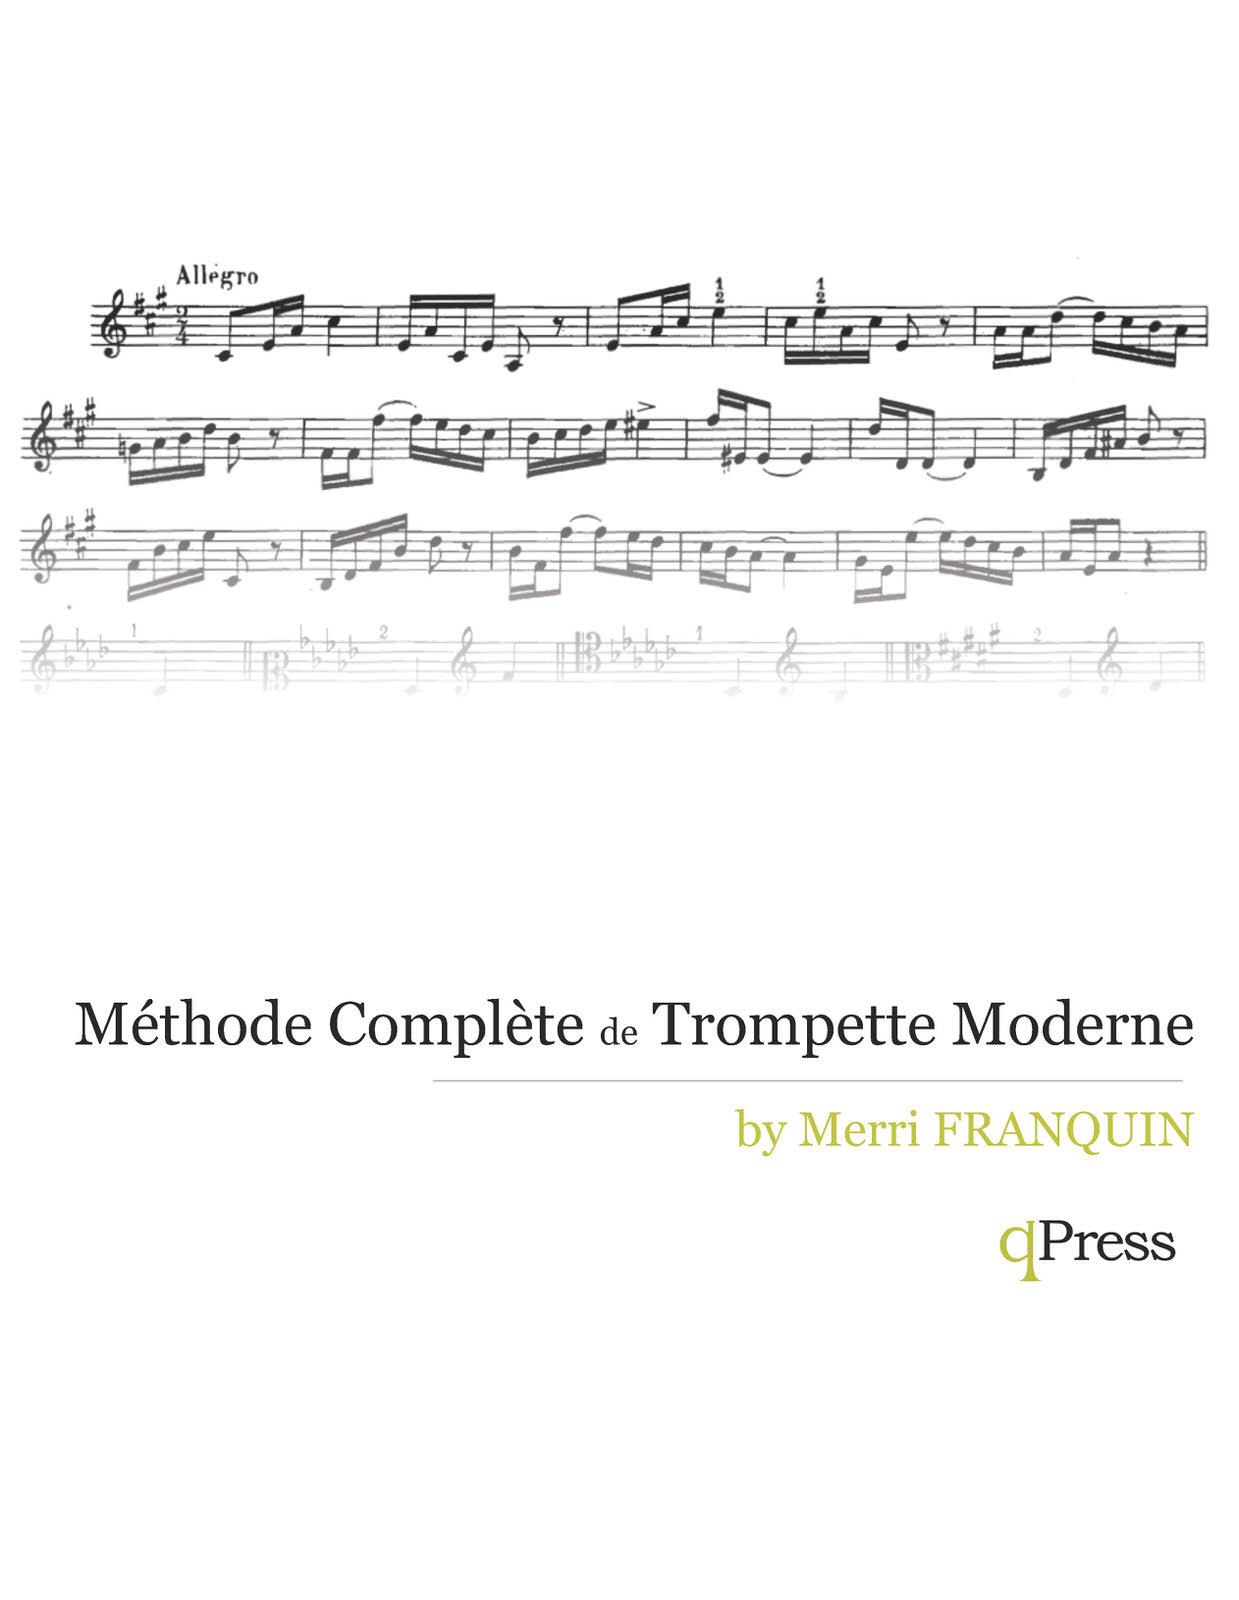 m 233 thode compl 232 te de trompette moderne by franquin merri qpress